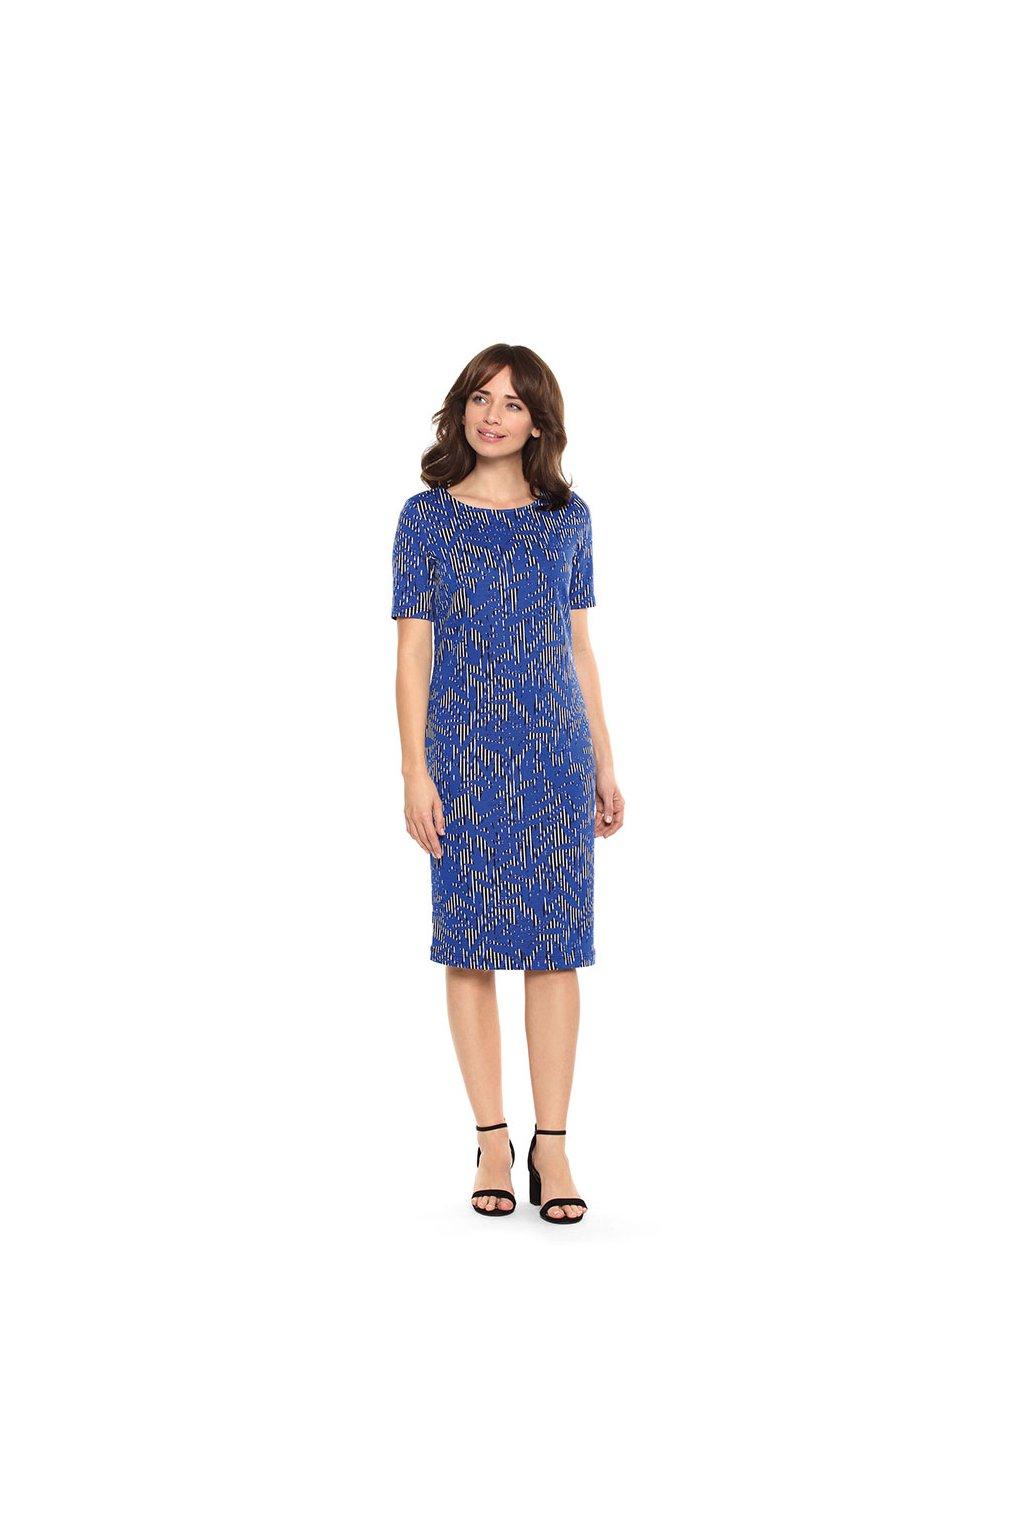 Dámské šaty s krátkým rukávem, 105103 299, modrá